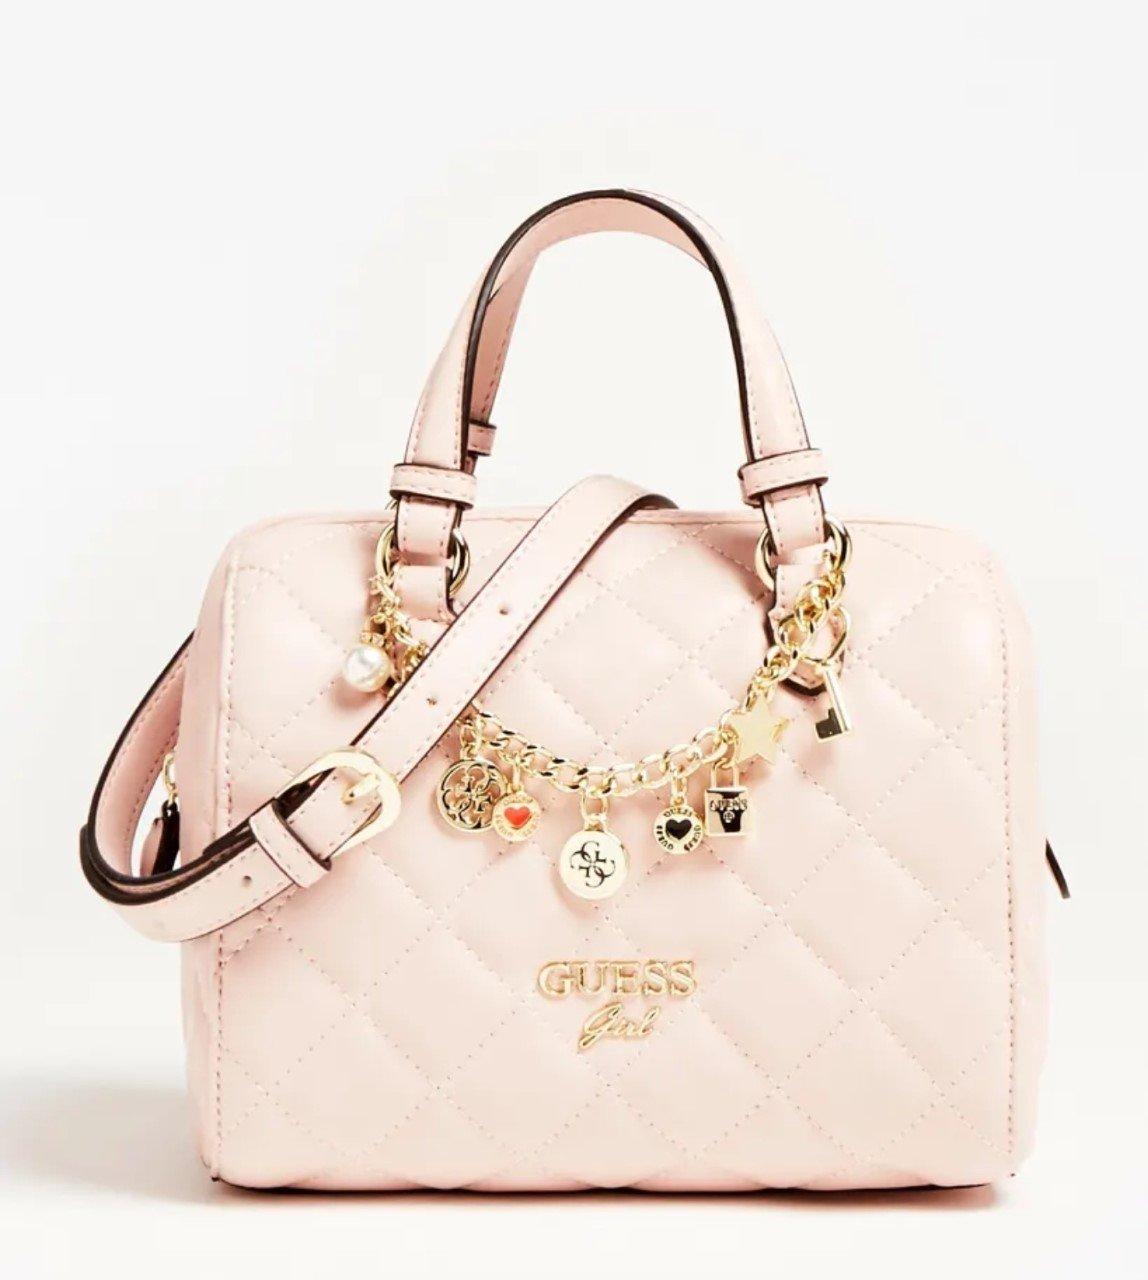 Guess, laukku vaaleanpunainen